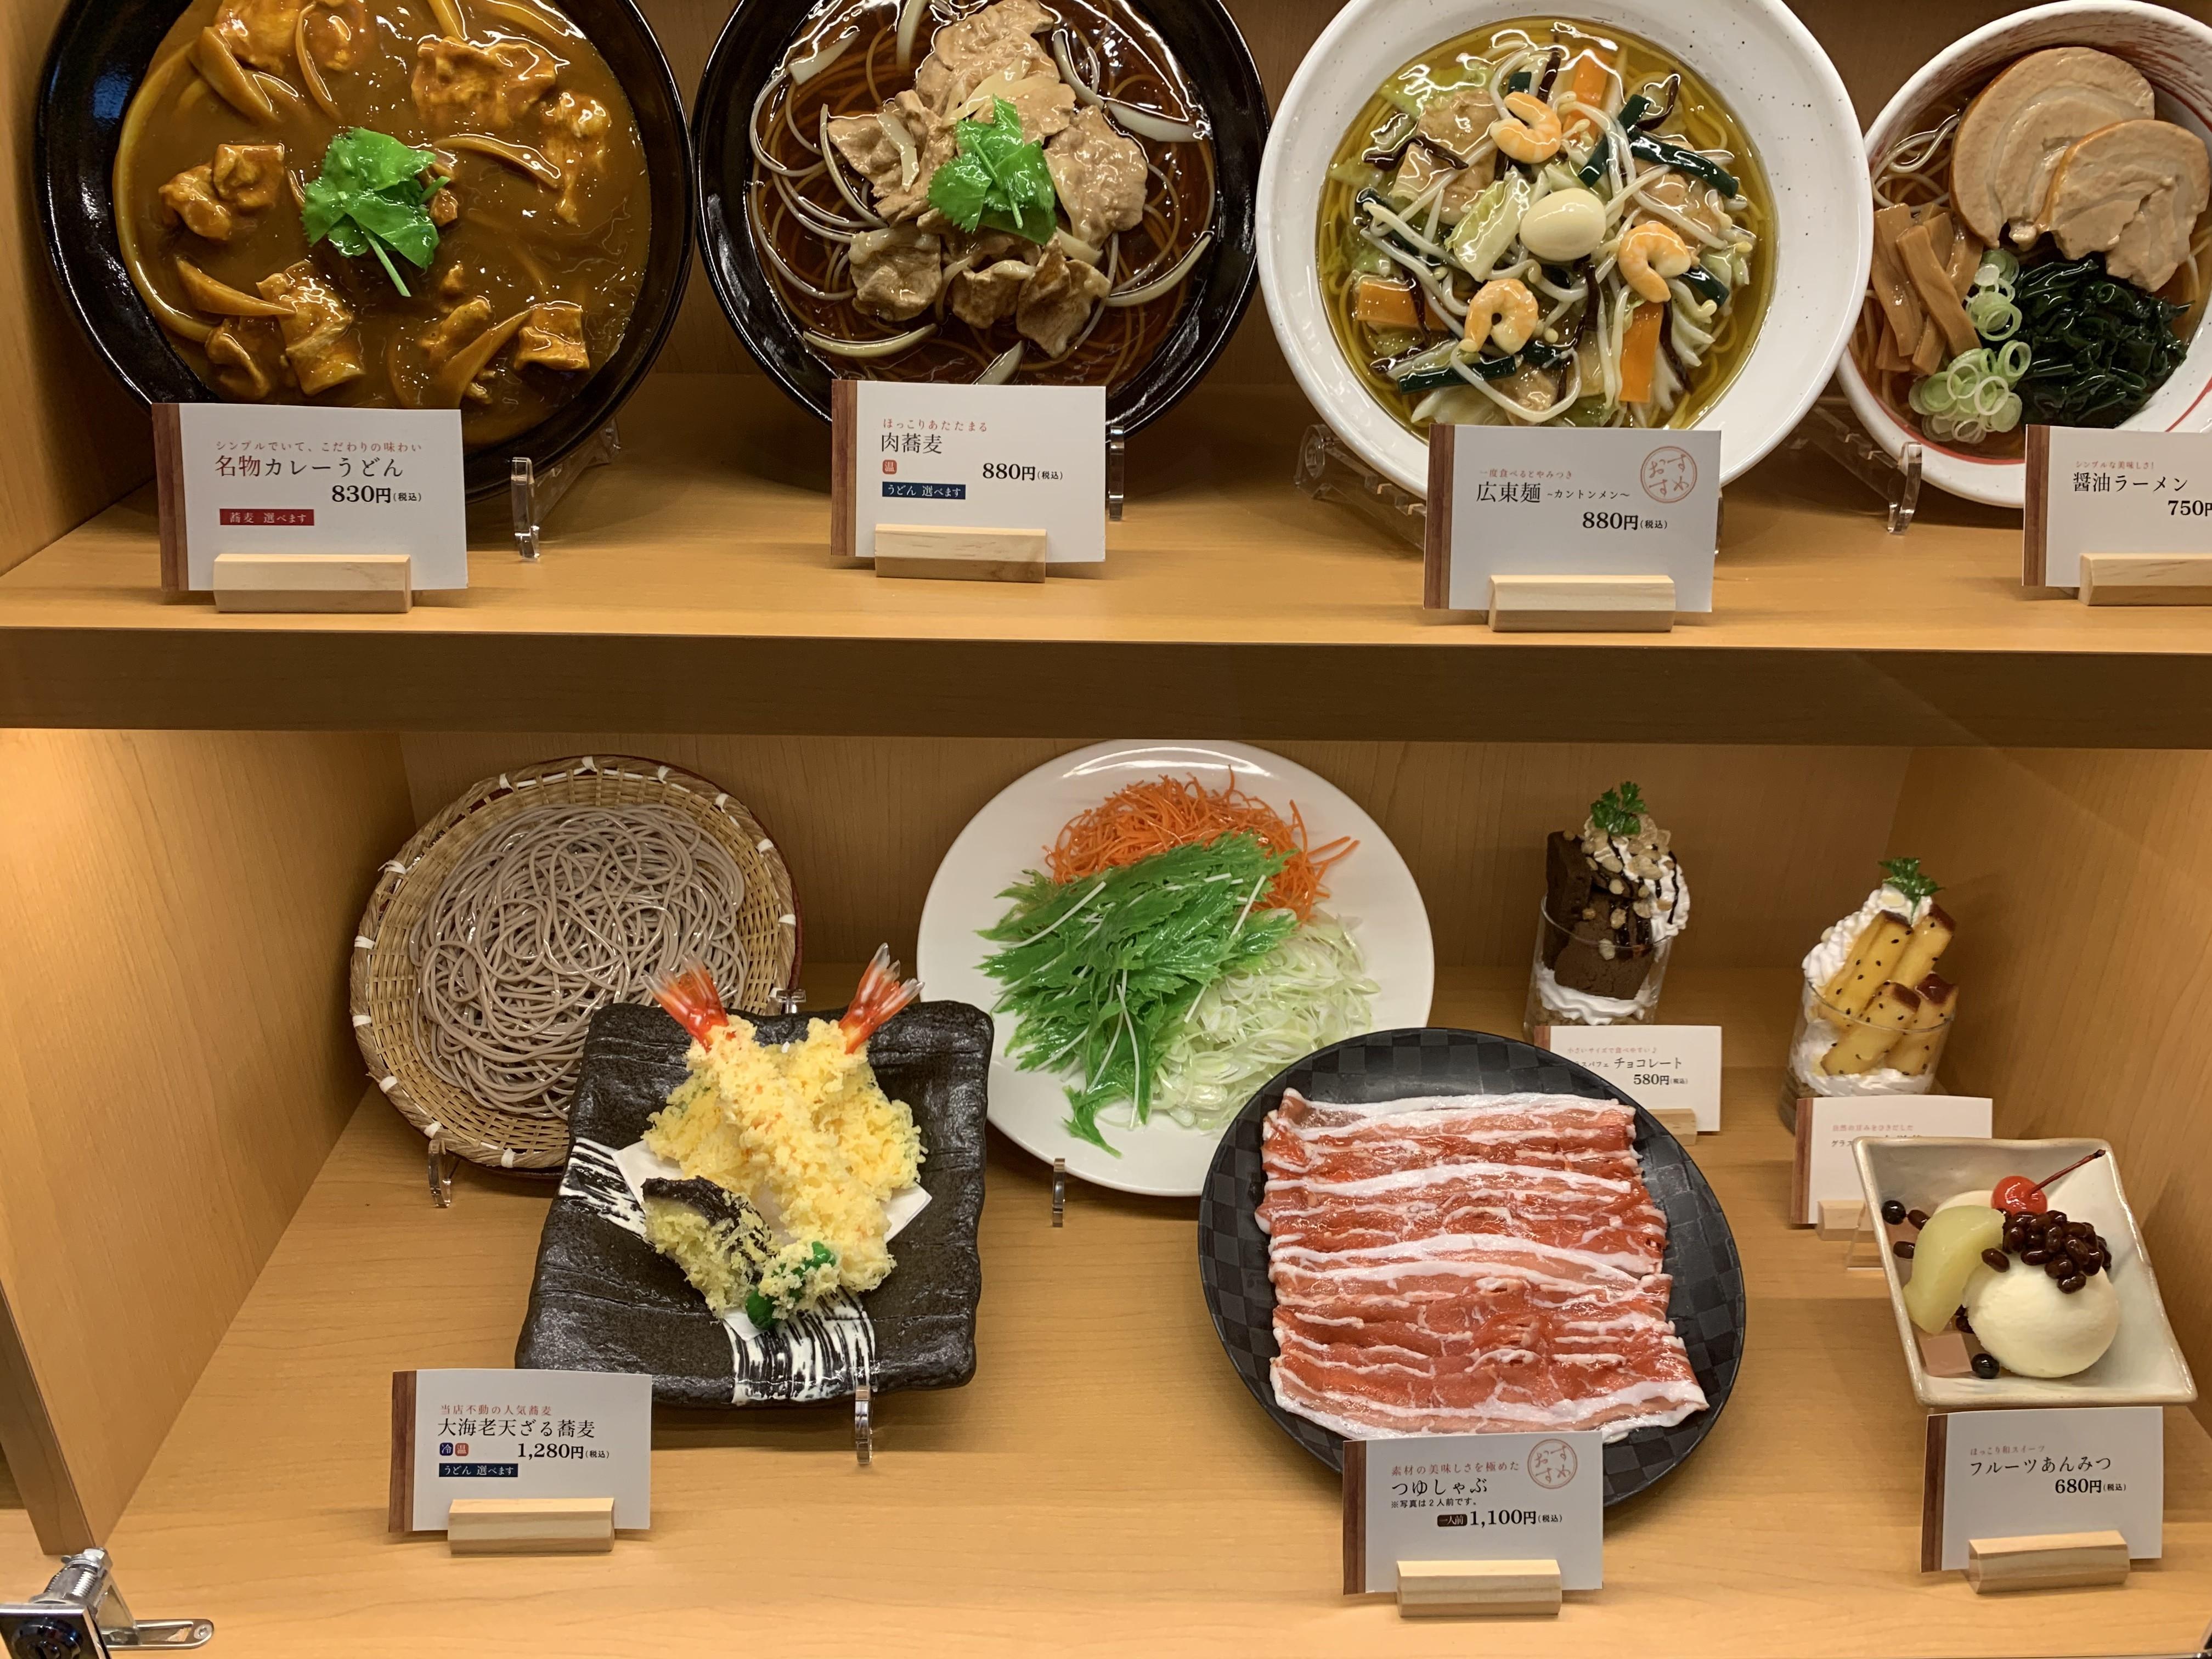 そばや麺類は800円~1000円